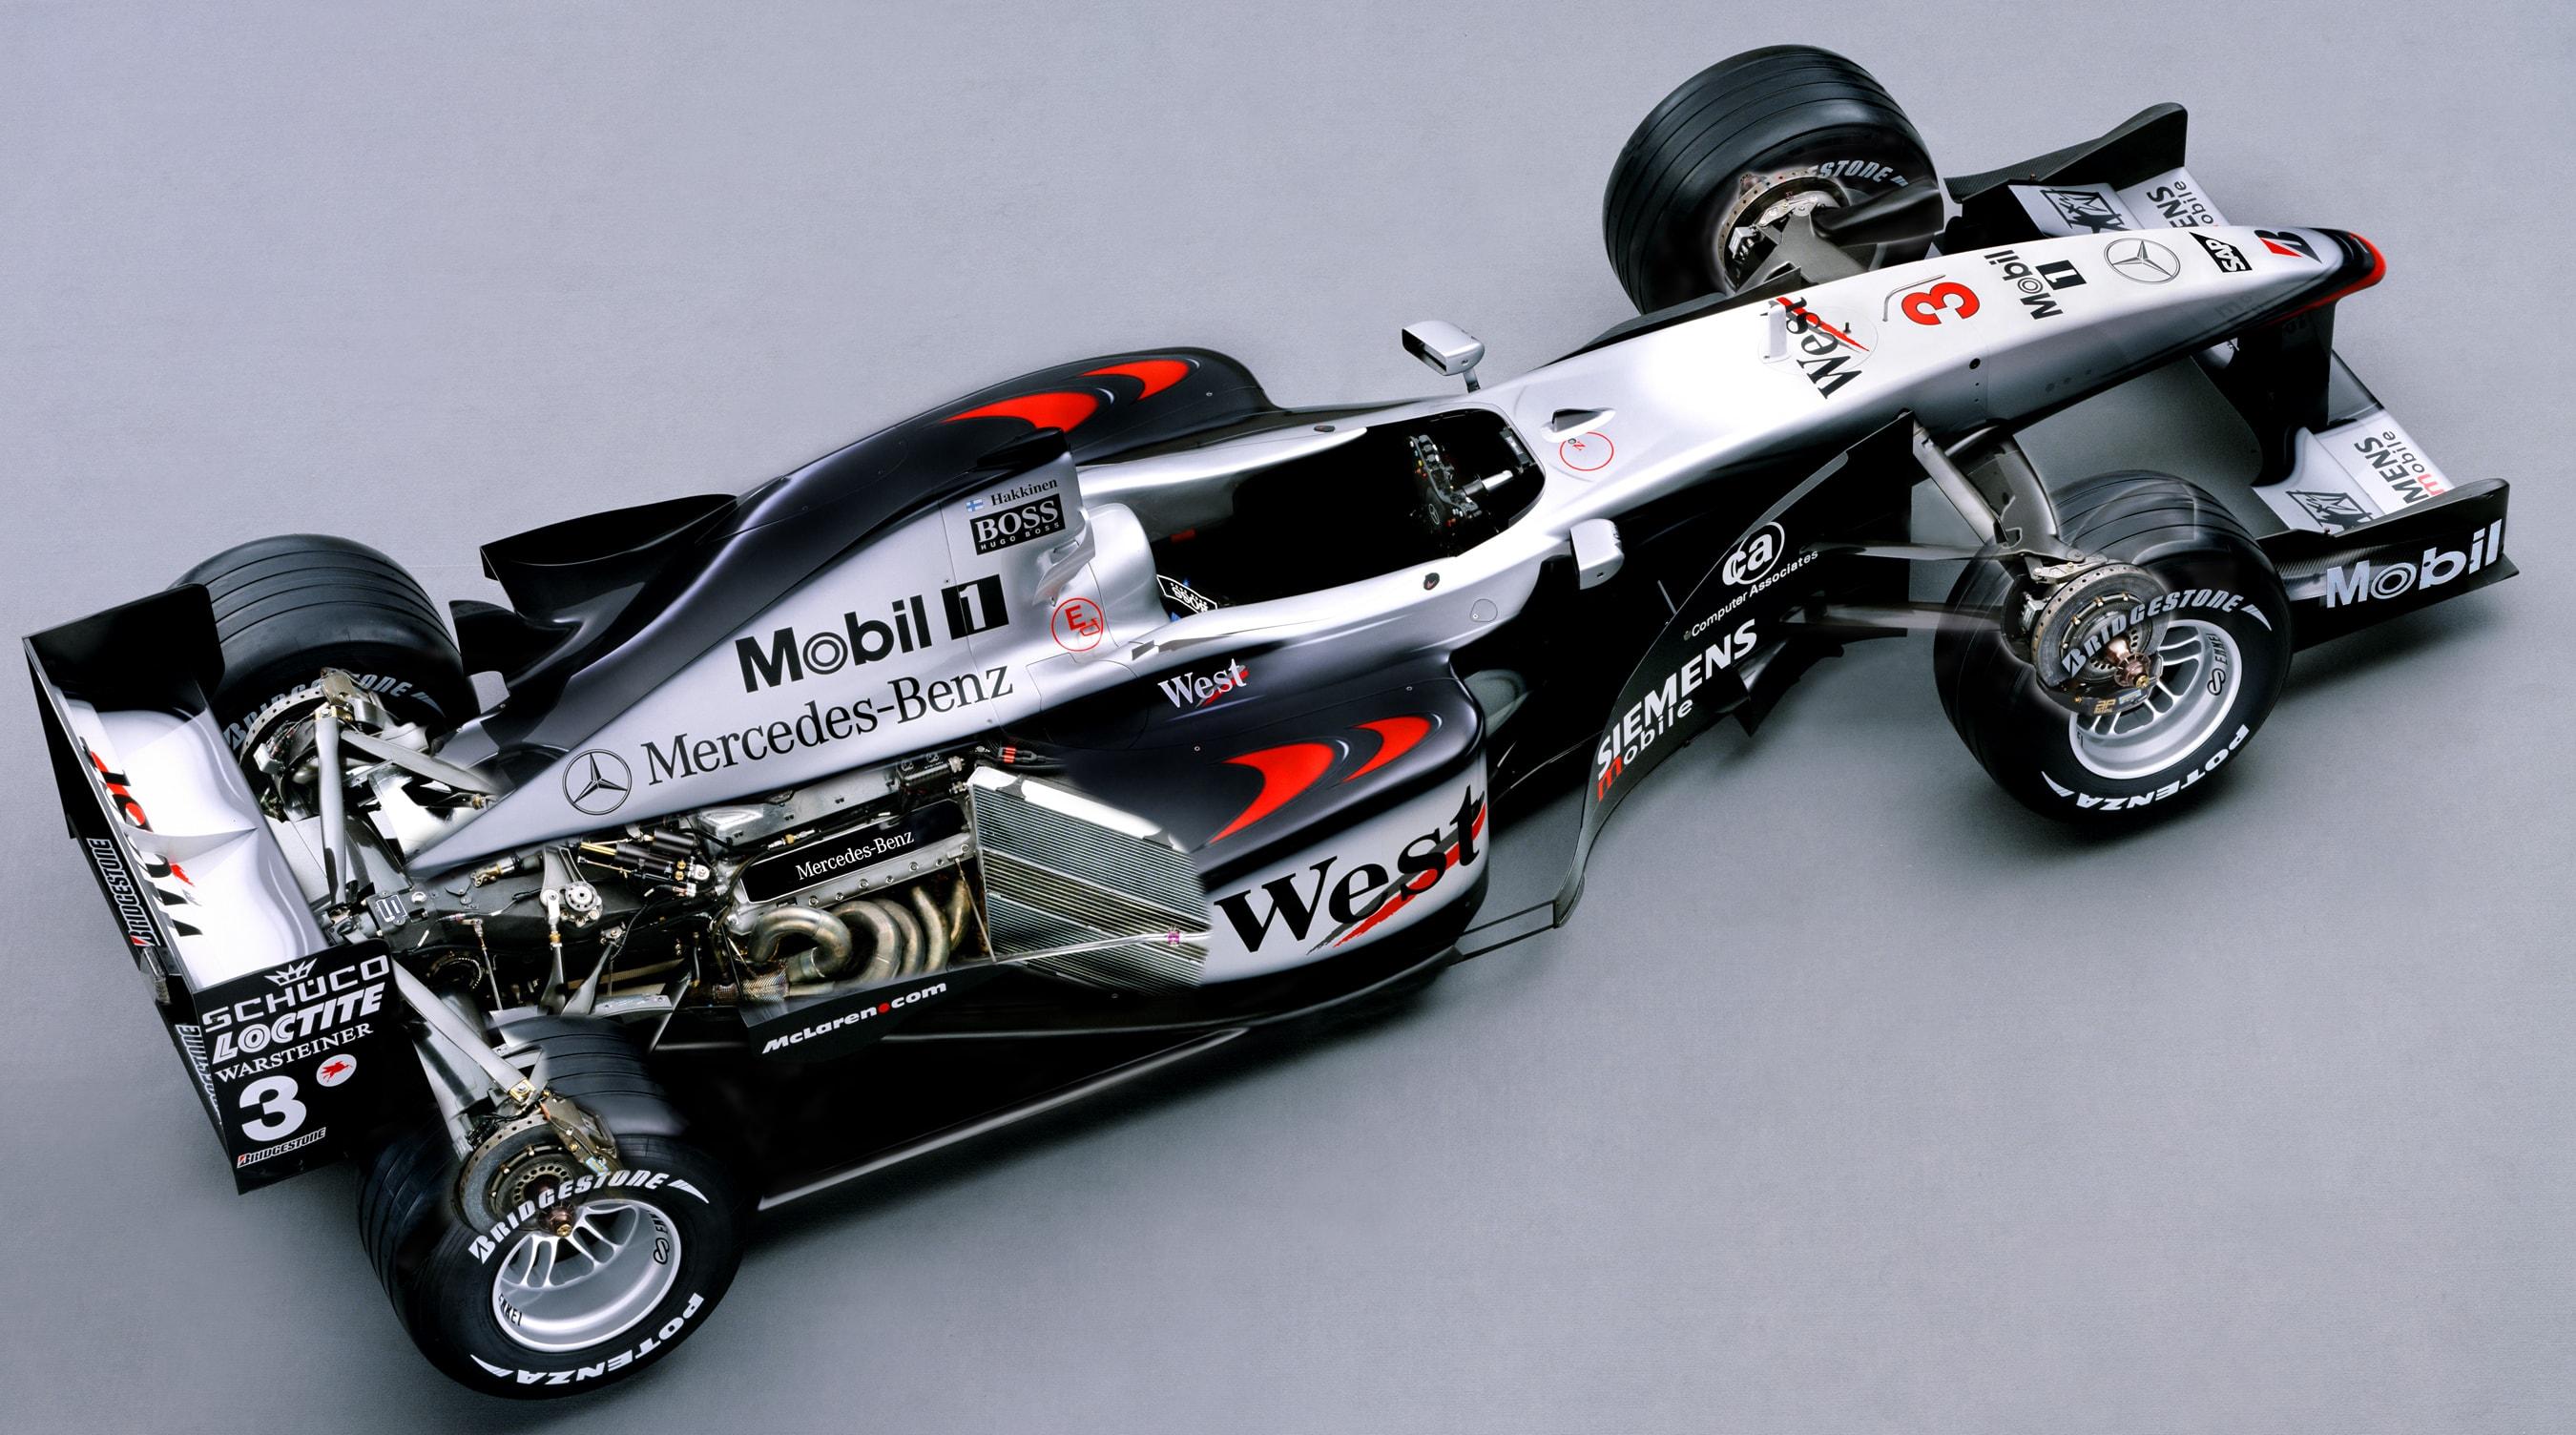 McLaren F1 by Paul Bussell